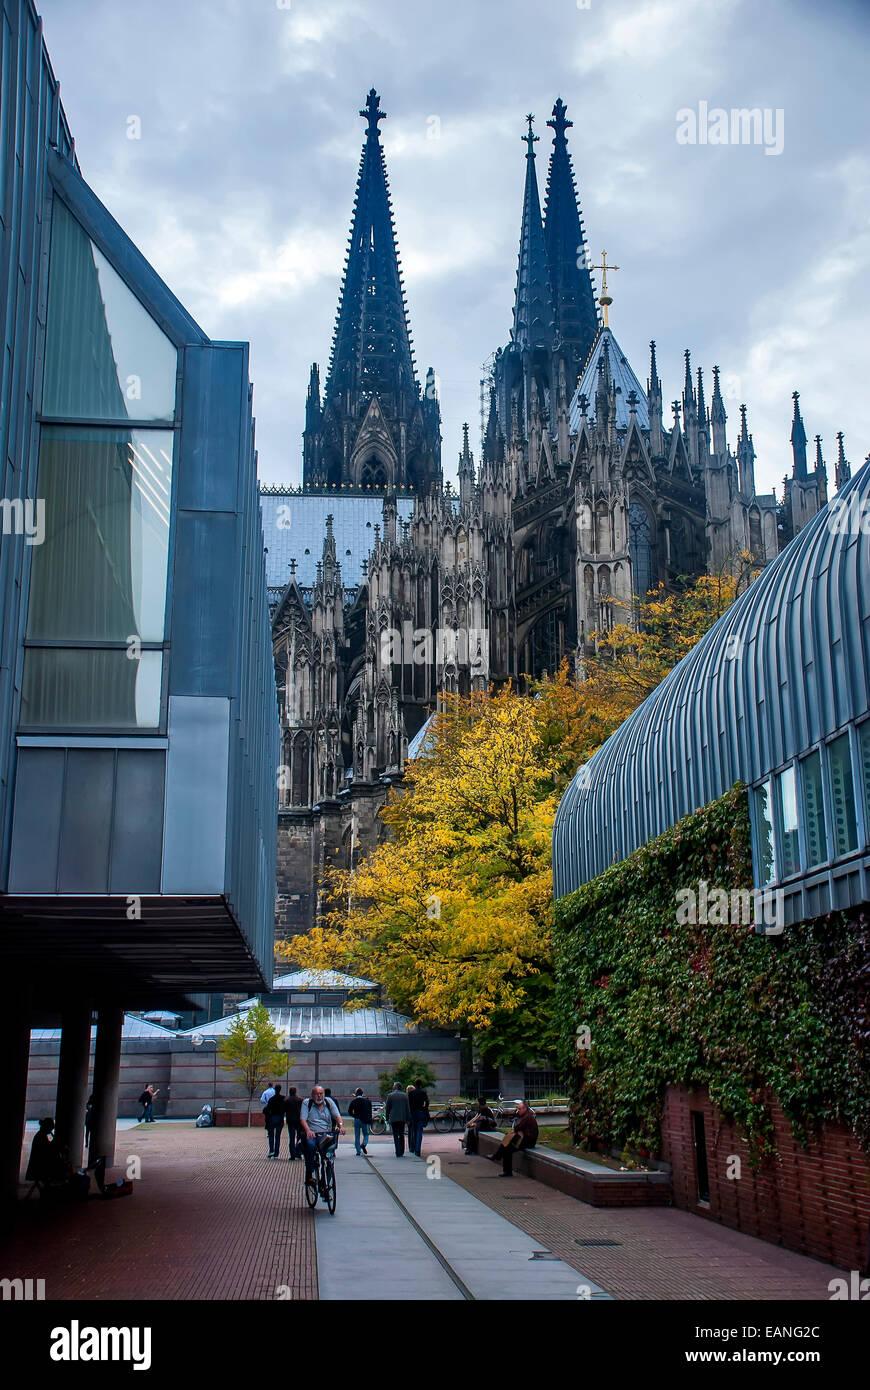 Senhor passeando de bicicleta na praça atrás da Catedral de Colonia. / Plaza detrás de la catedral Imagen De Stock